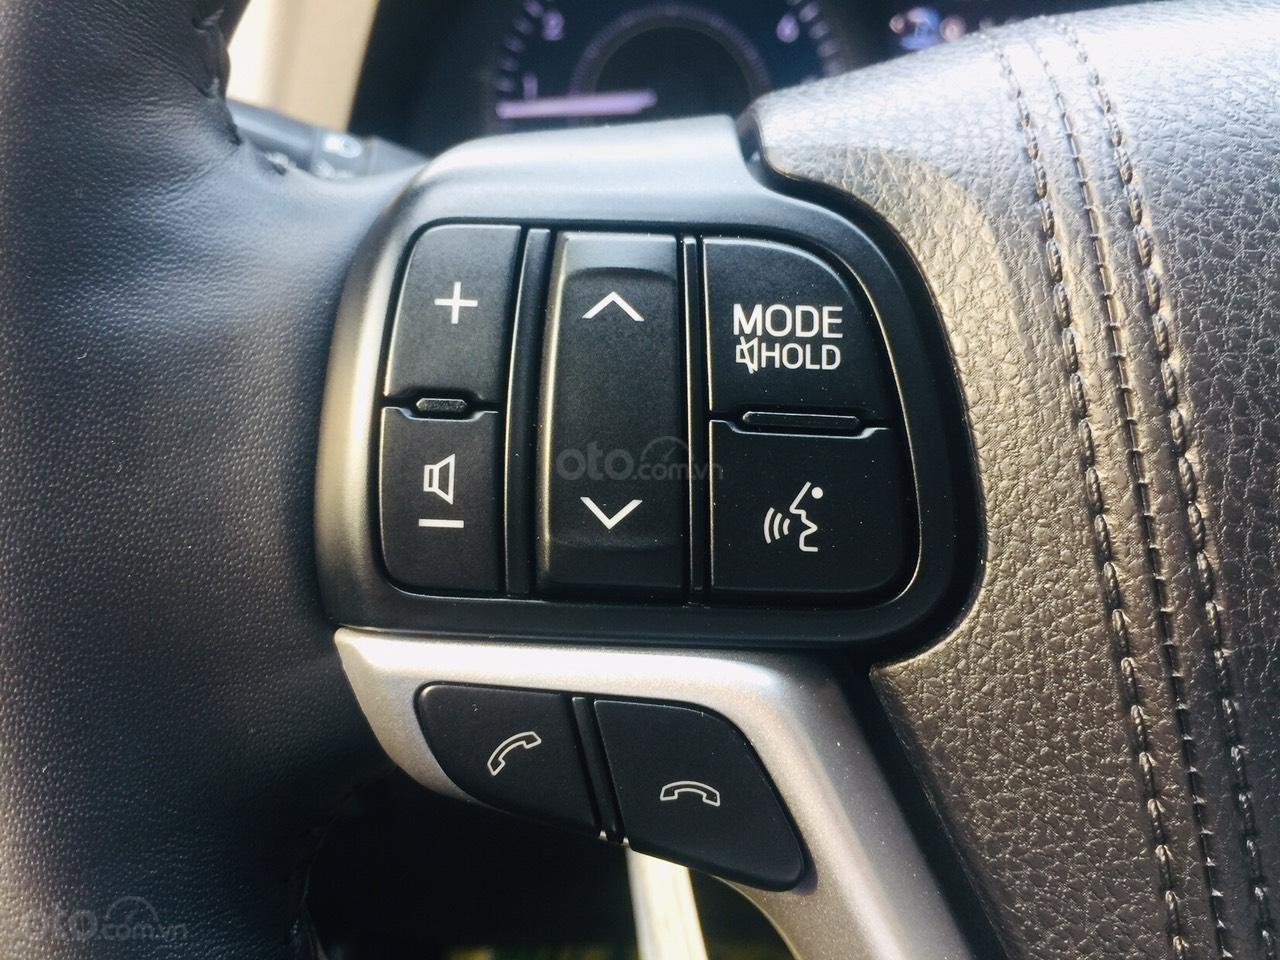 Bán Toyota Sienna Limited 2020 1 cầu, LH Ms Ngọc Vy giá tốt, giao ngay toàn quốc (14)